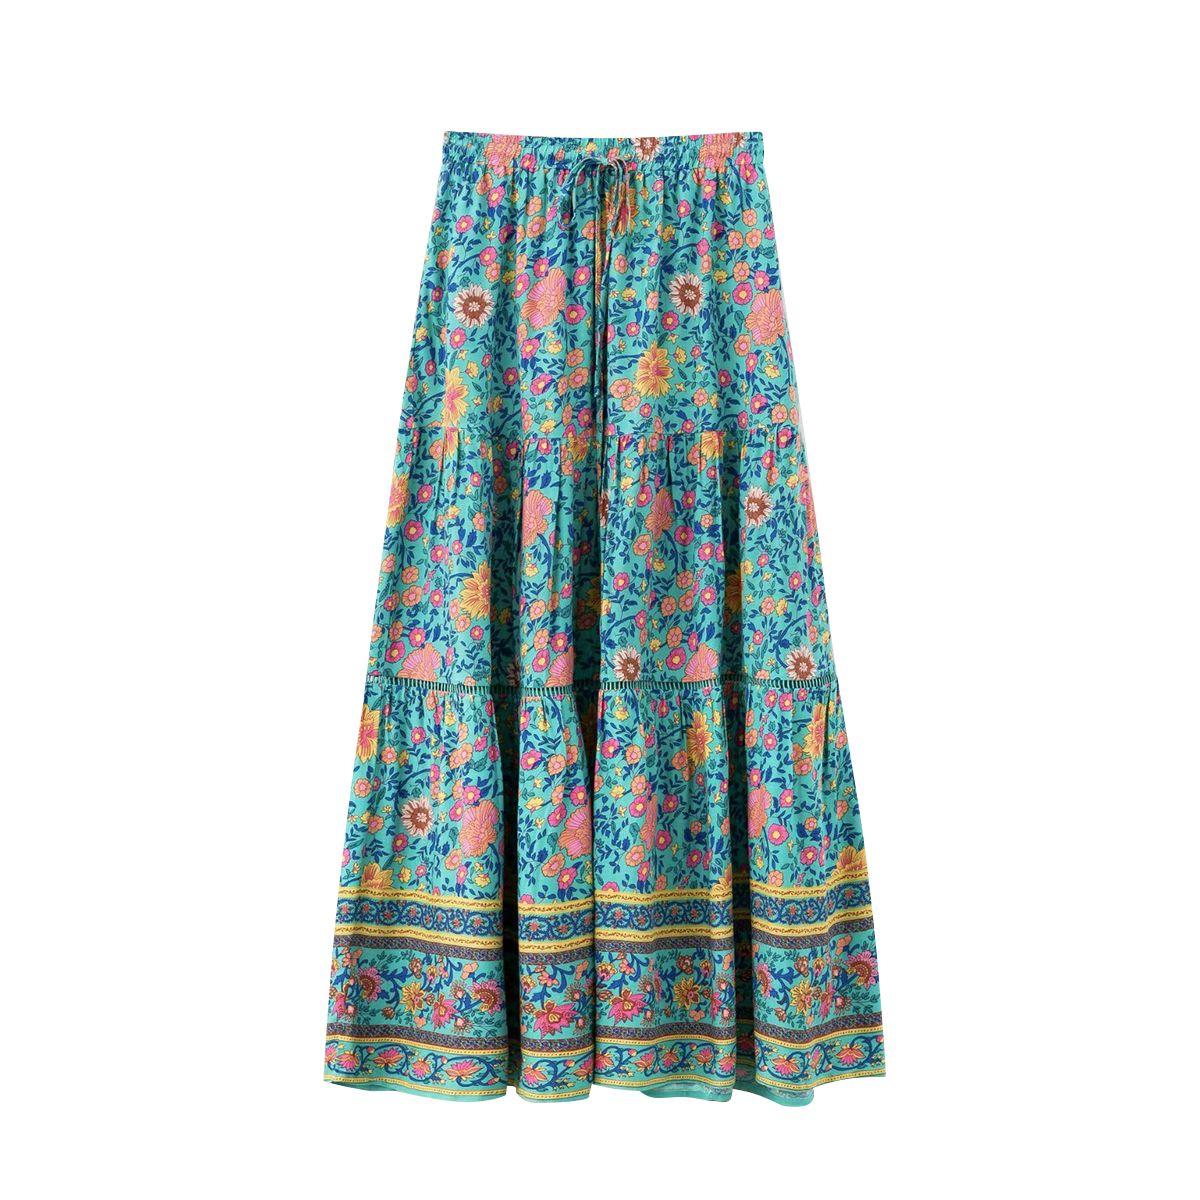 Turquesa impresión Maxi faldas mujeres alta cintura Floral Vintage bohemio faldas verano ropa Boho playa fiesta Casual Streetwear falda larga nuevo